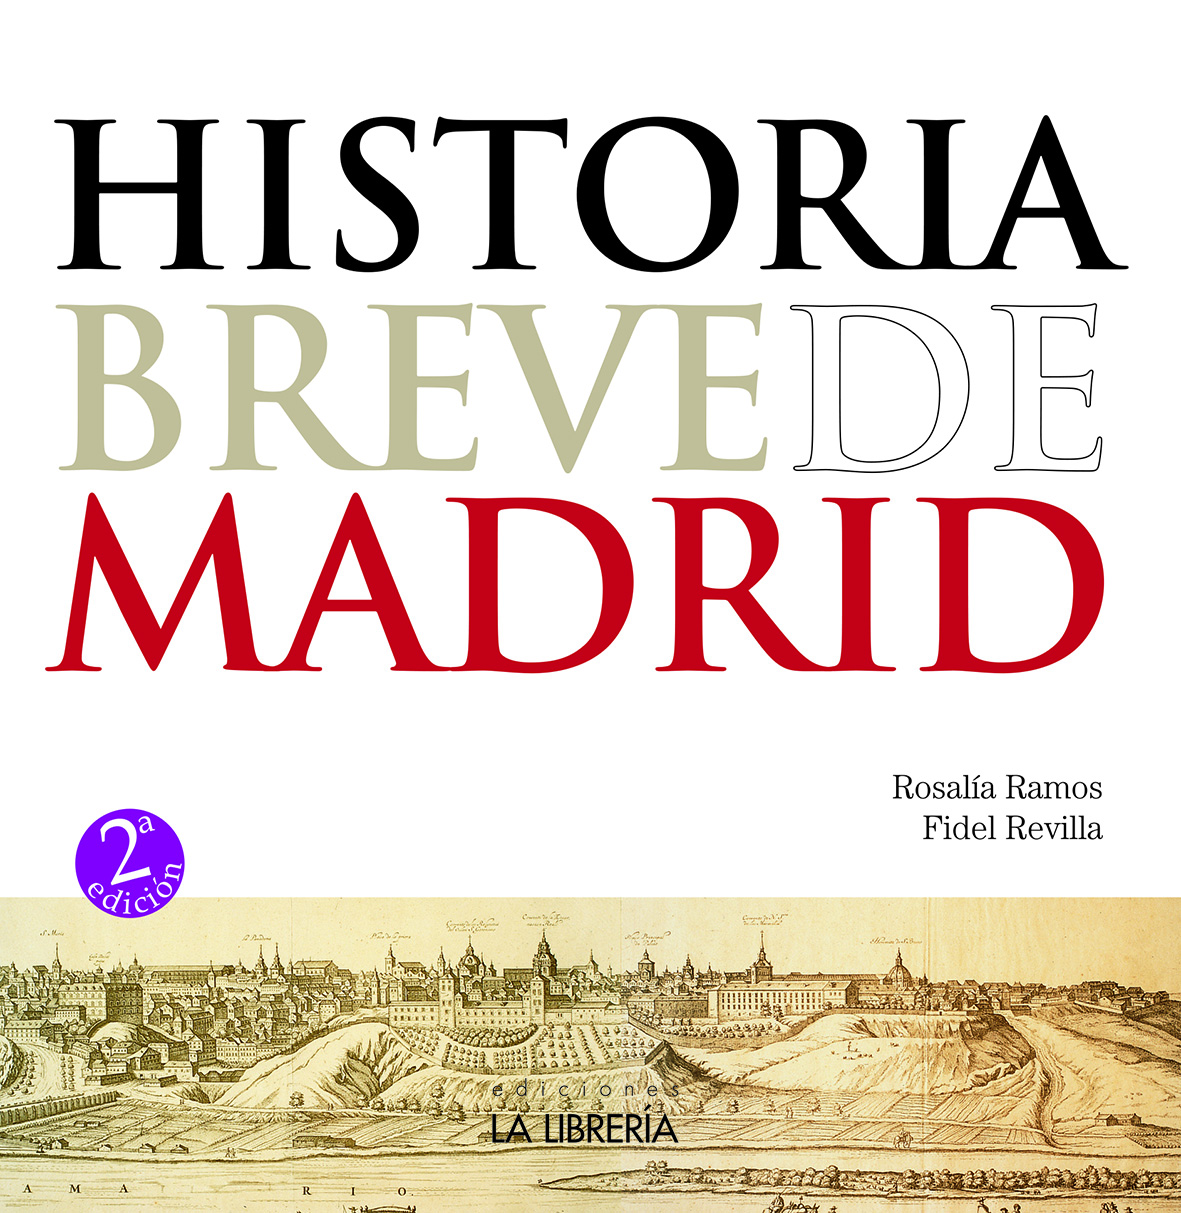 La realidad urbana del Madrid del Siglo XIX